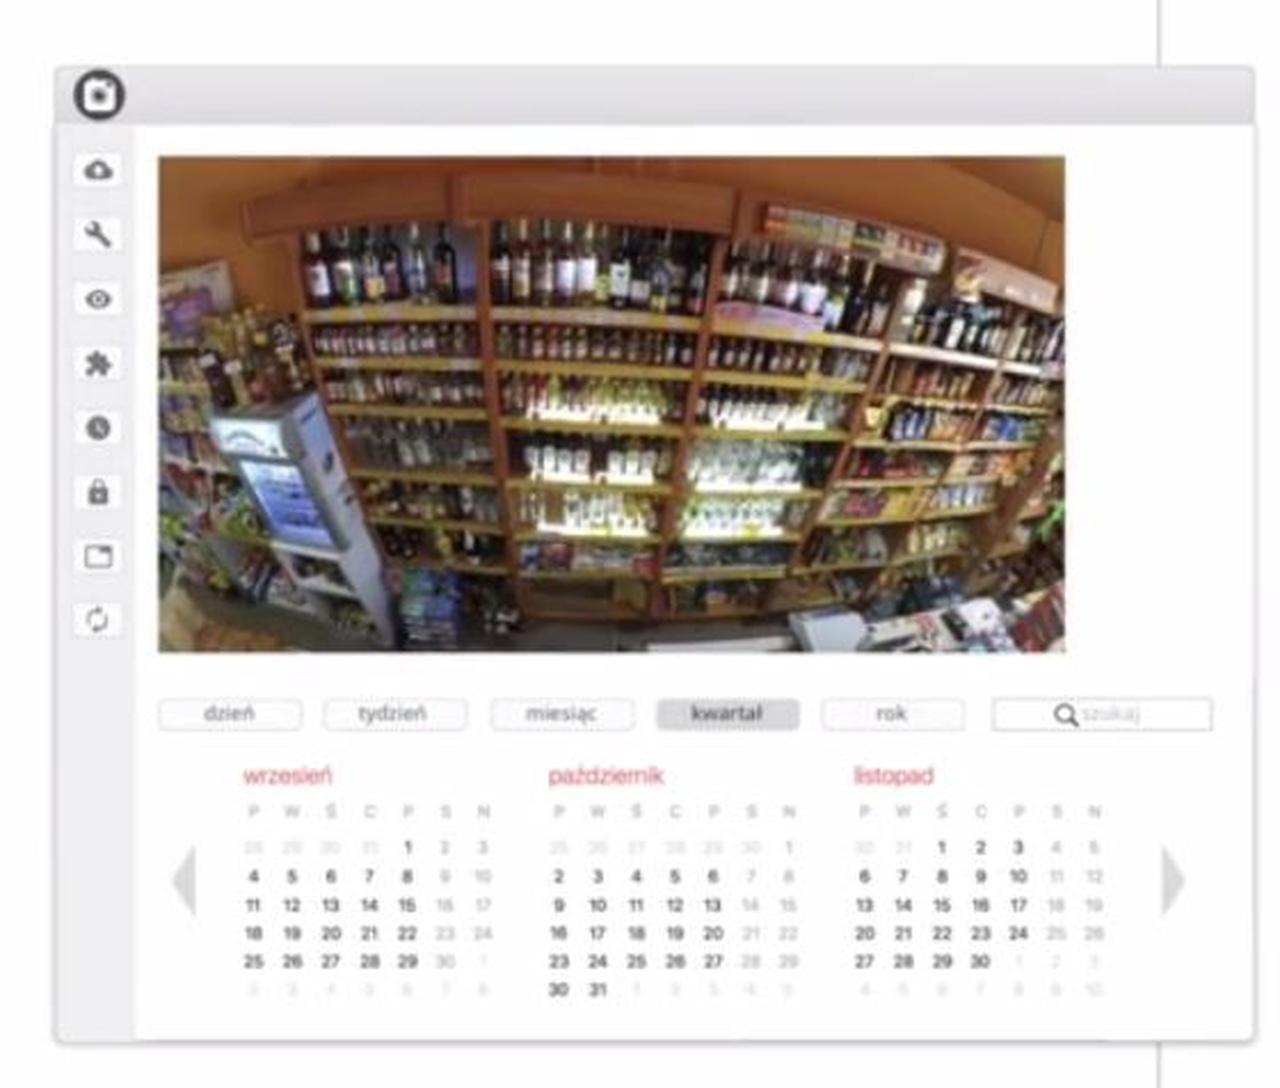 Modułowy system analizy obrazu i identyfikacji produktów